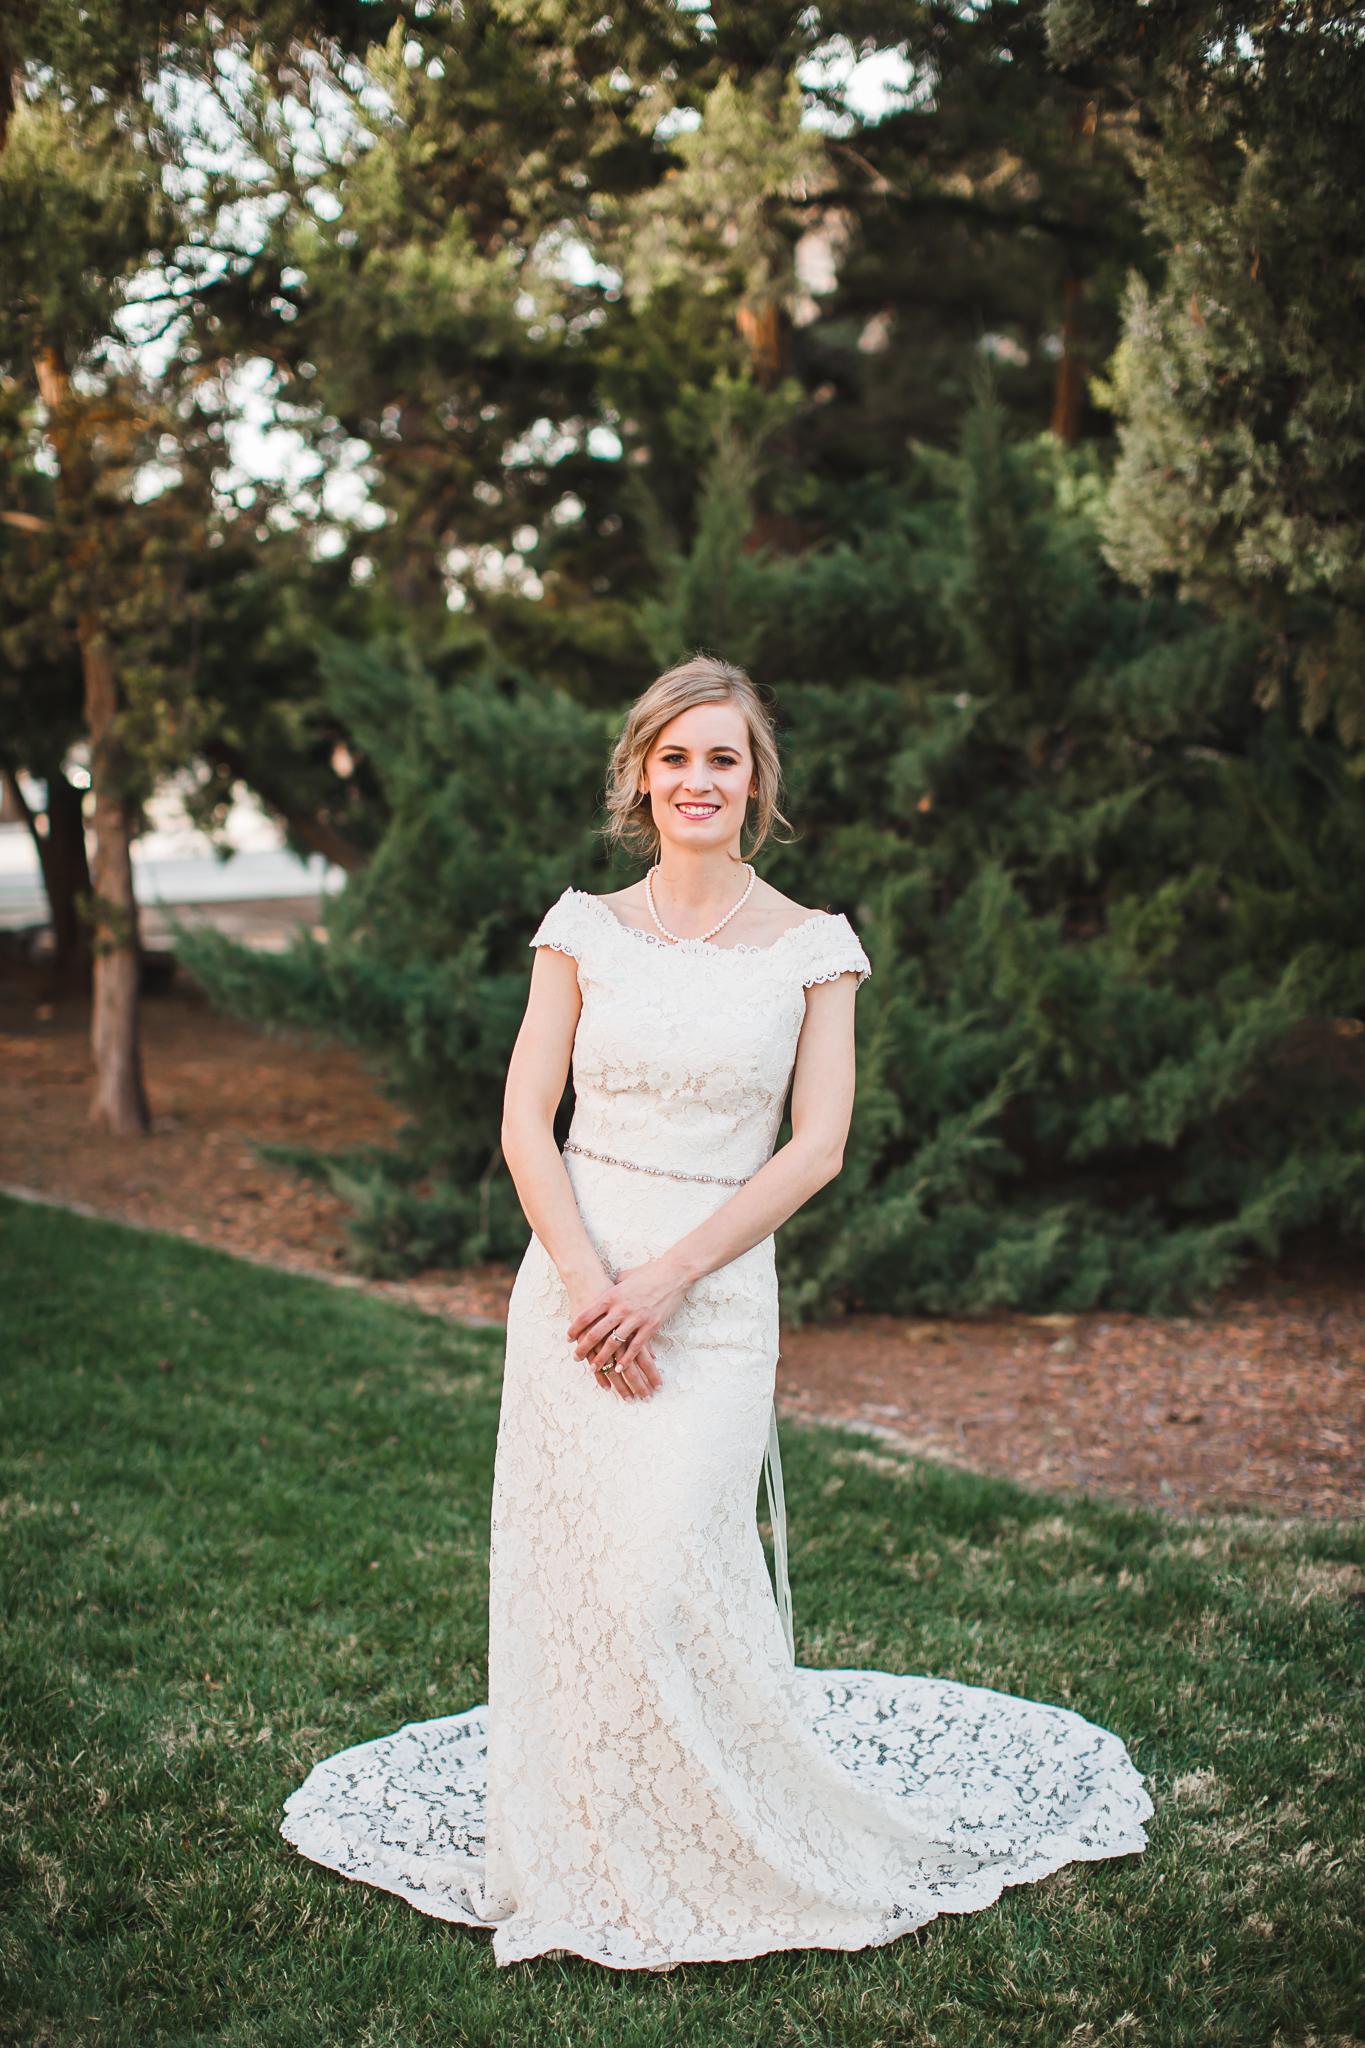 alyssa bridal blog-1.jpg